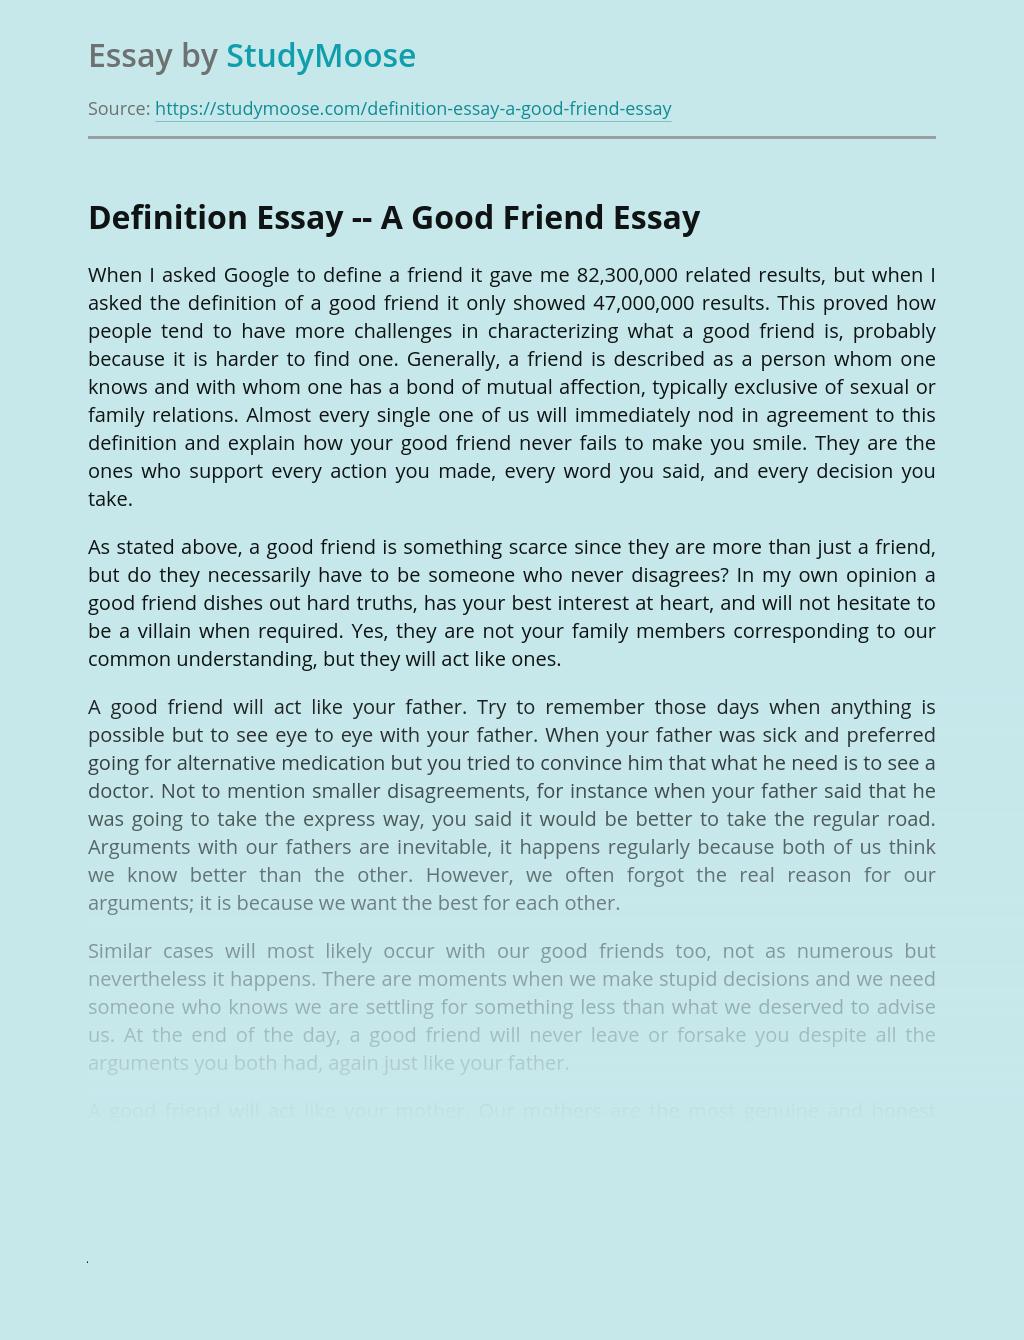 Definition Essay -- A Good Friend